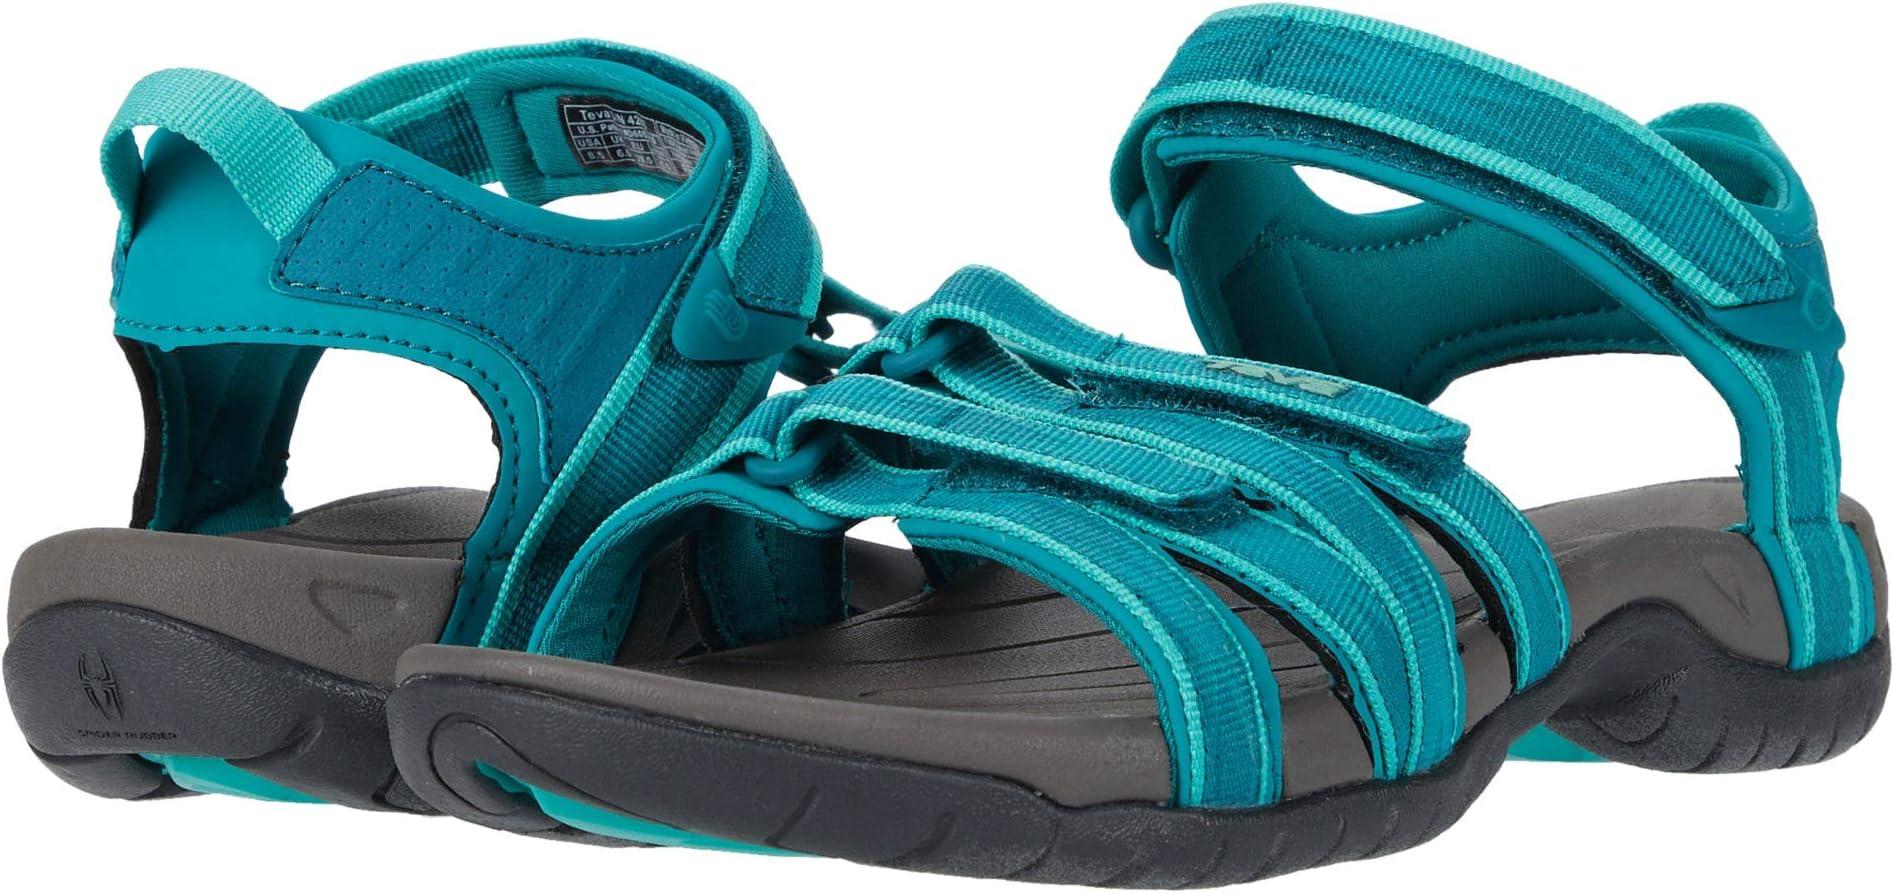 TC-5-Teva-Sandals-2020-03-13